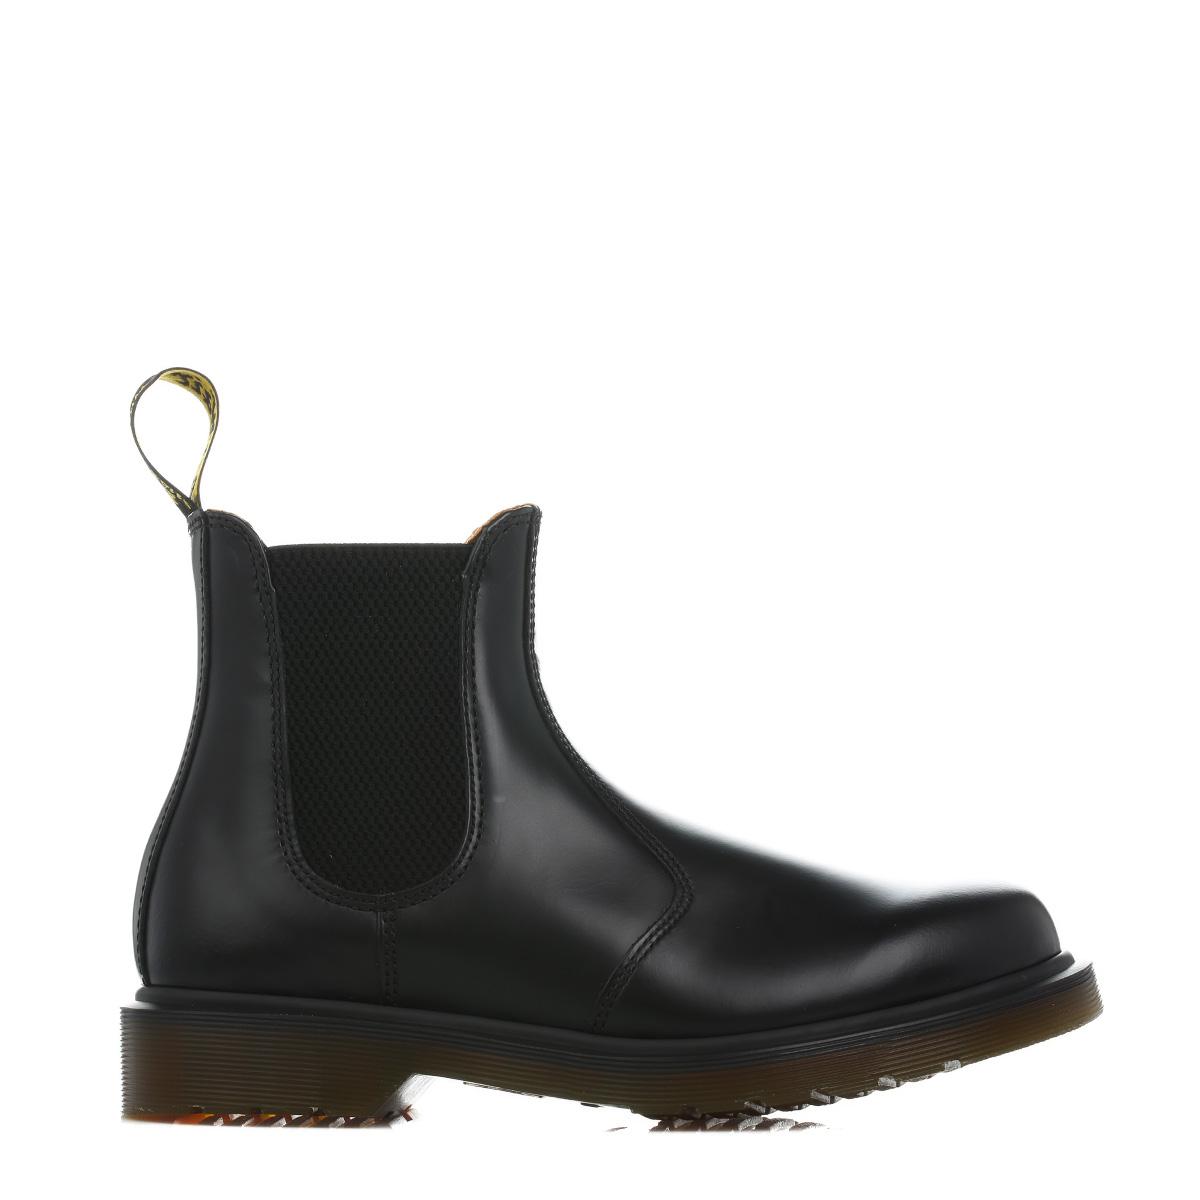 dr martens unisex black 2976 chelsea boots leather pull on smart shoe docs ebay. Black Bedroom Furniture Sets. Home Design Ideas